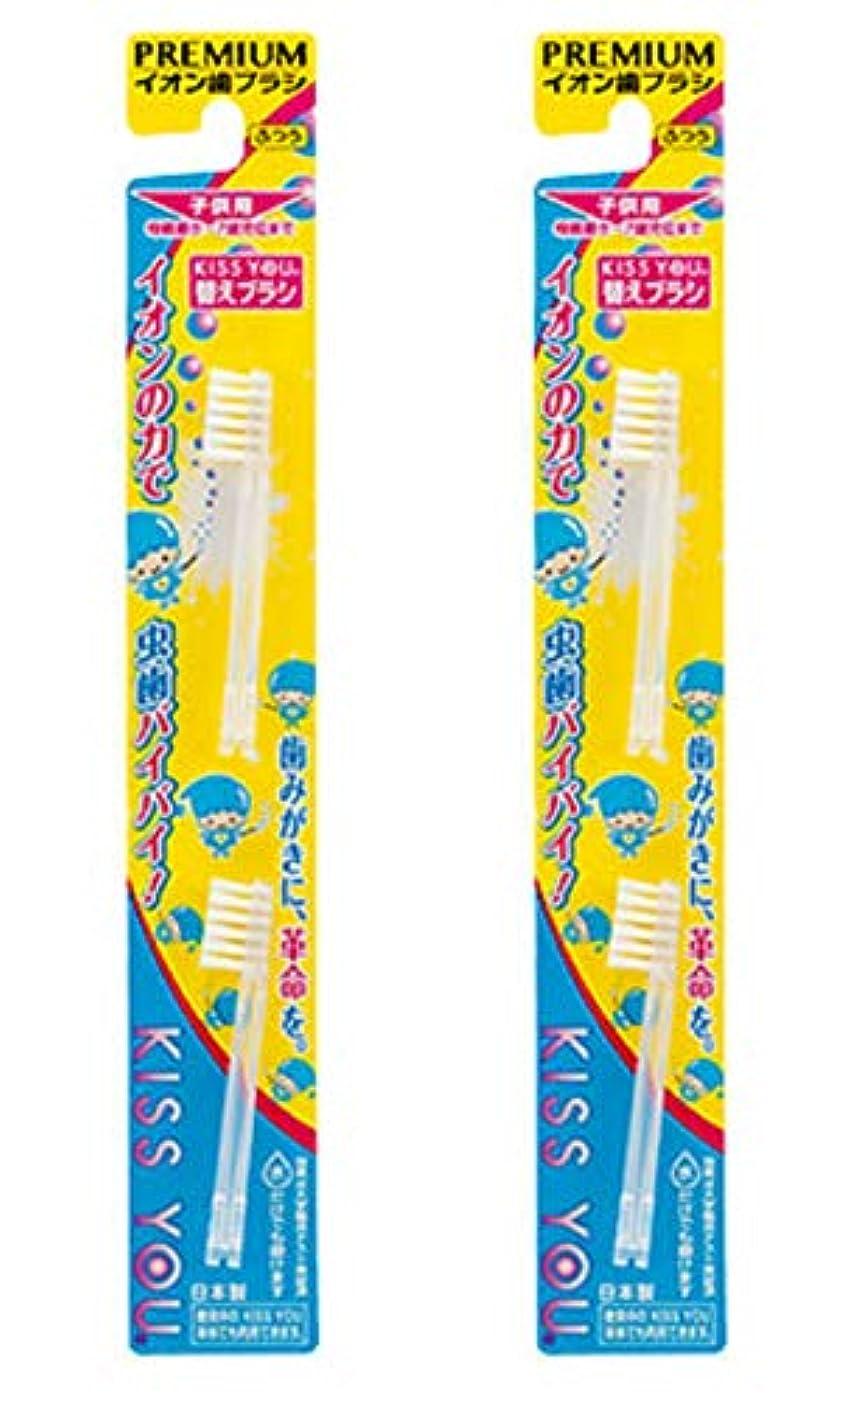 ディスカウントイースターガラガラKISS YOU(キスユー) イオン歯ブラシ 子供用替えブラシ ふつう 2本入り × 2セット